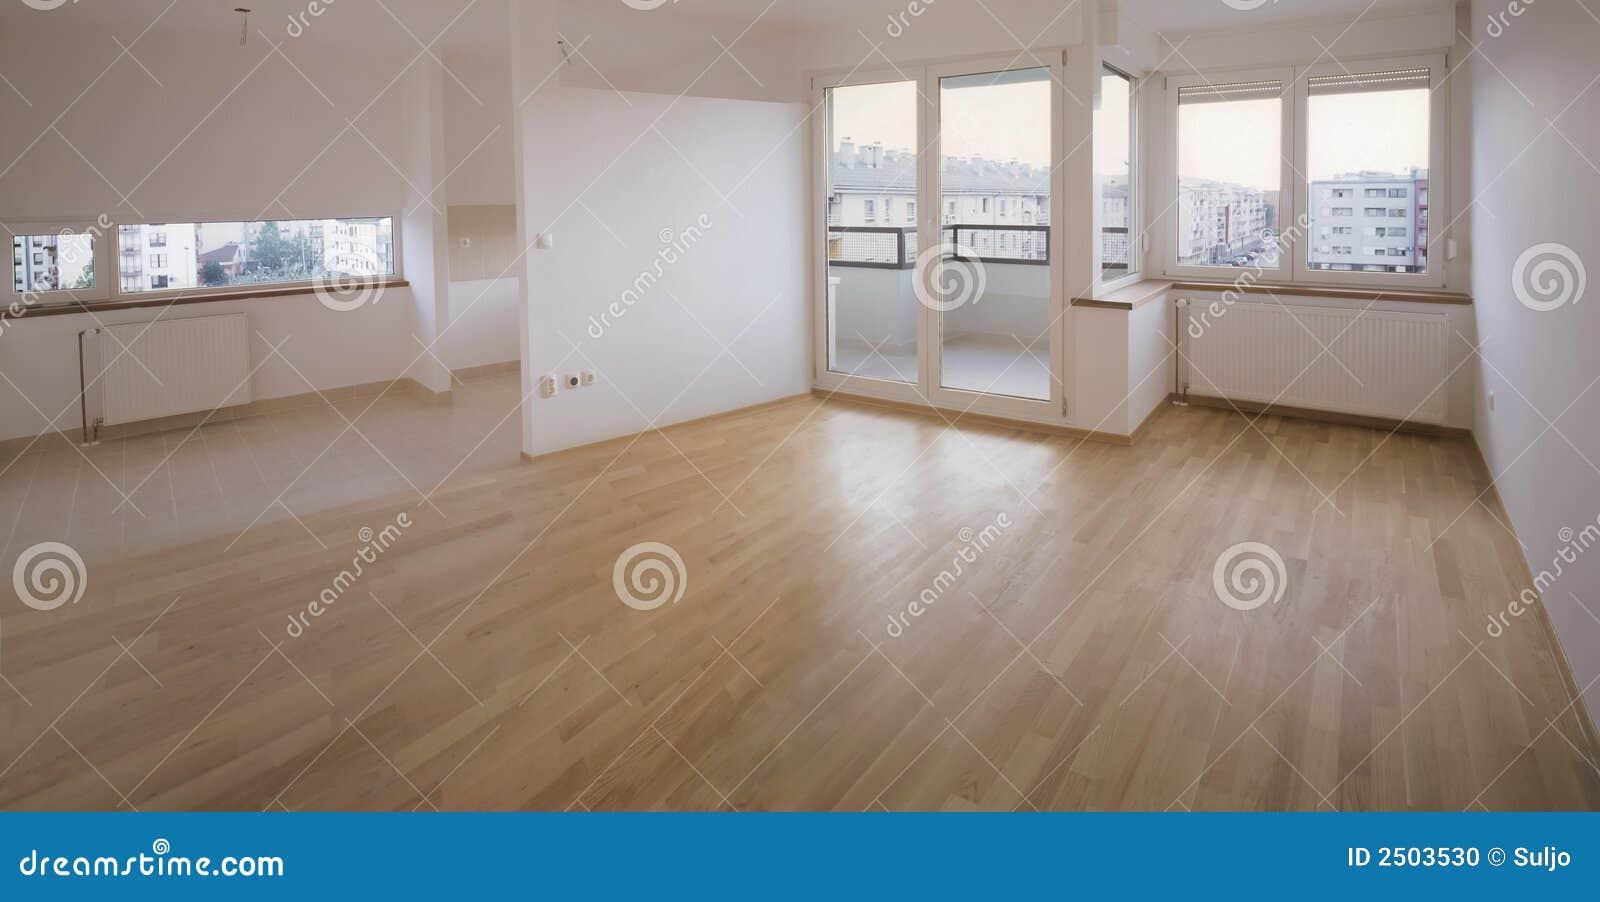 Квартира пустая